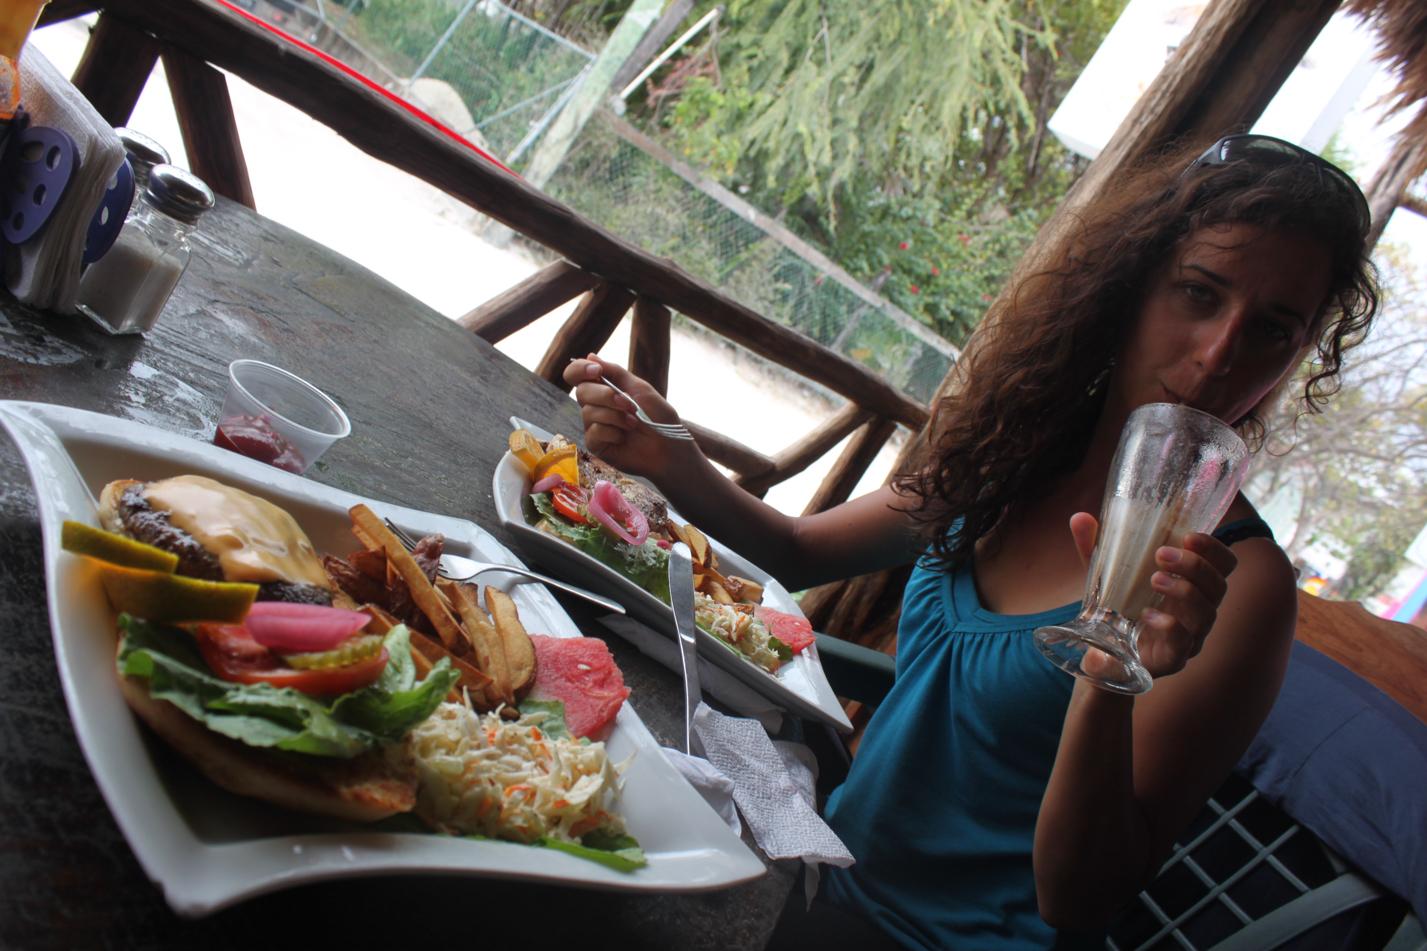 Weil dieser Ausflug wie ein kleiner Urlaub war, haben wir es uns mit einem schönem Essen auch gut gehen lassen. hm...